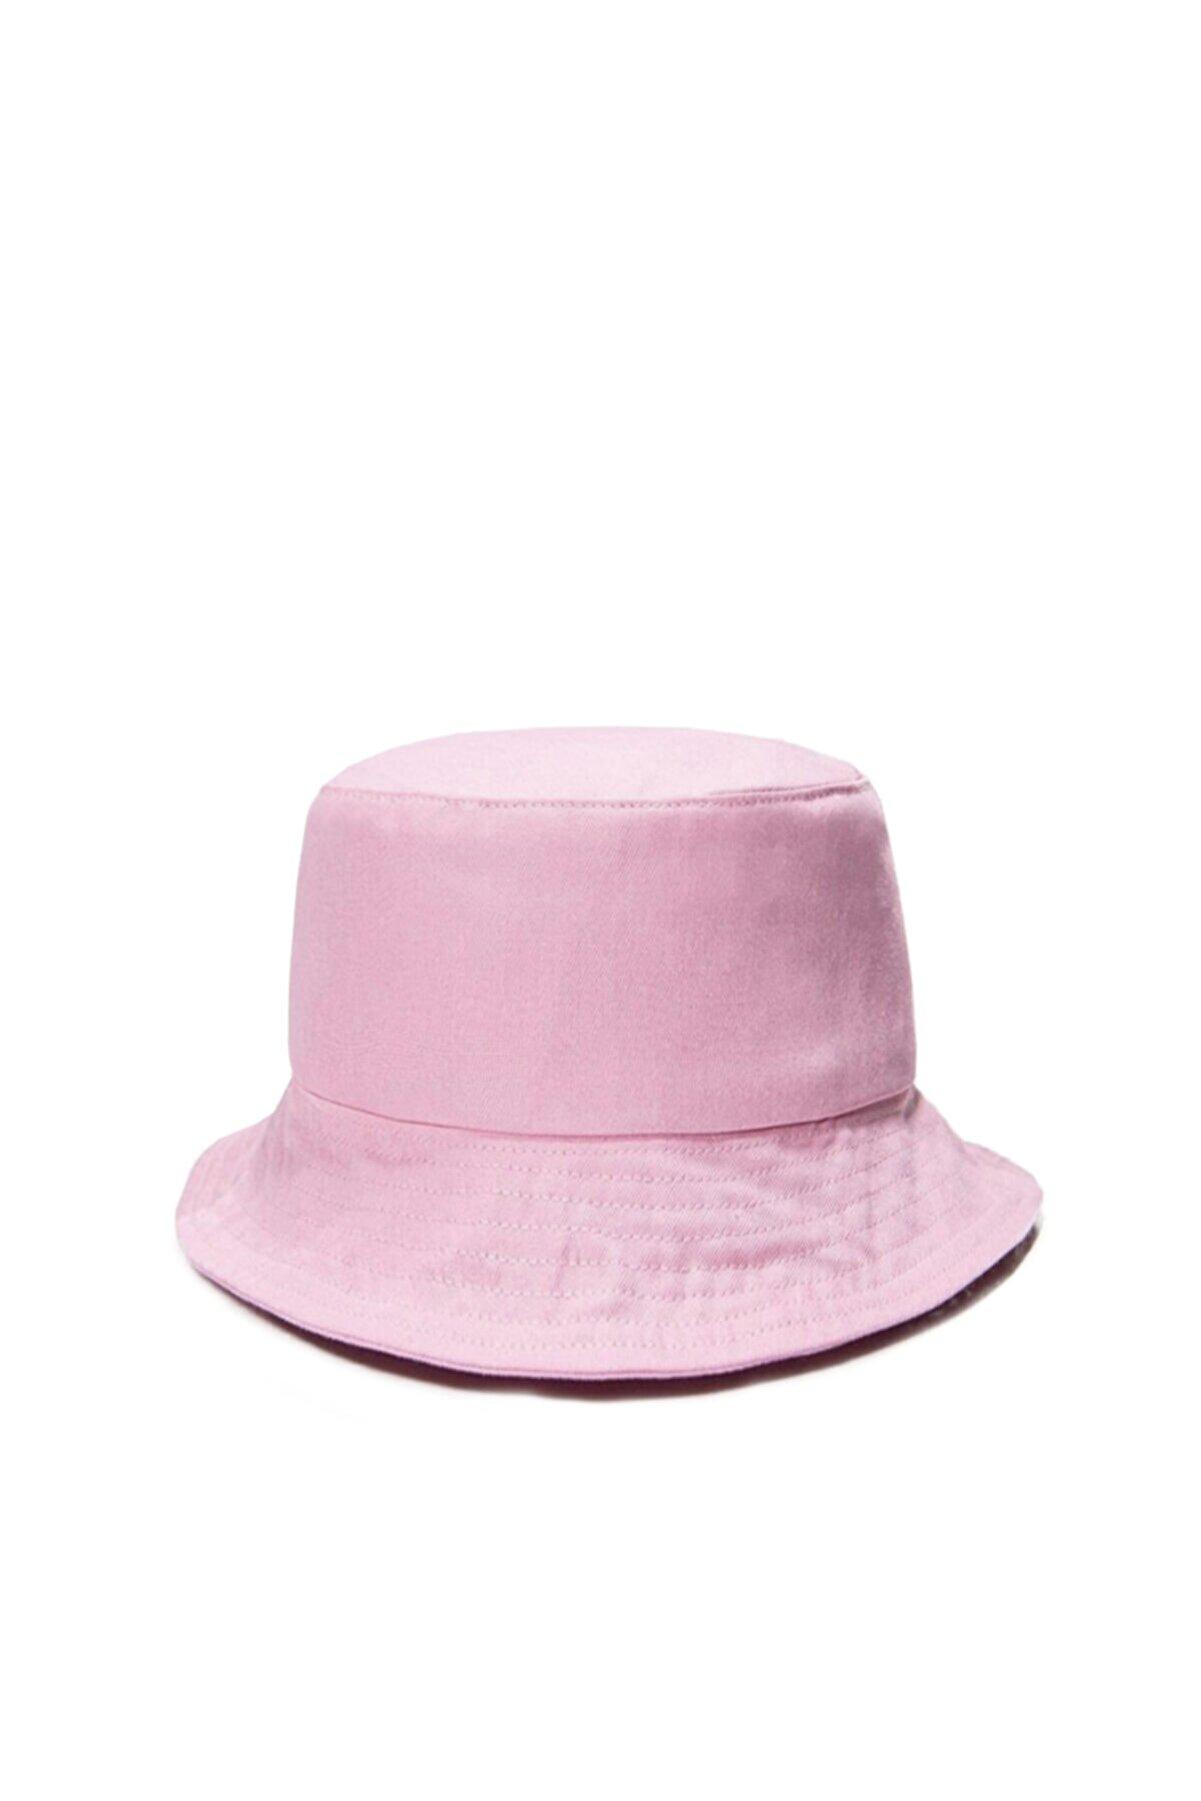 Güce Unisex Pudra Pembe Balıkçı Bucket Şapka Gc013921